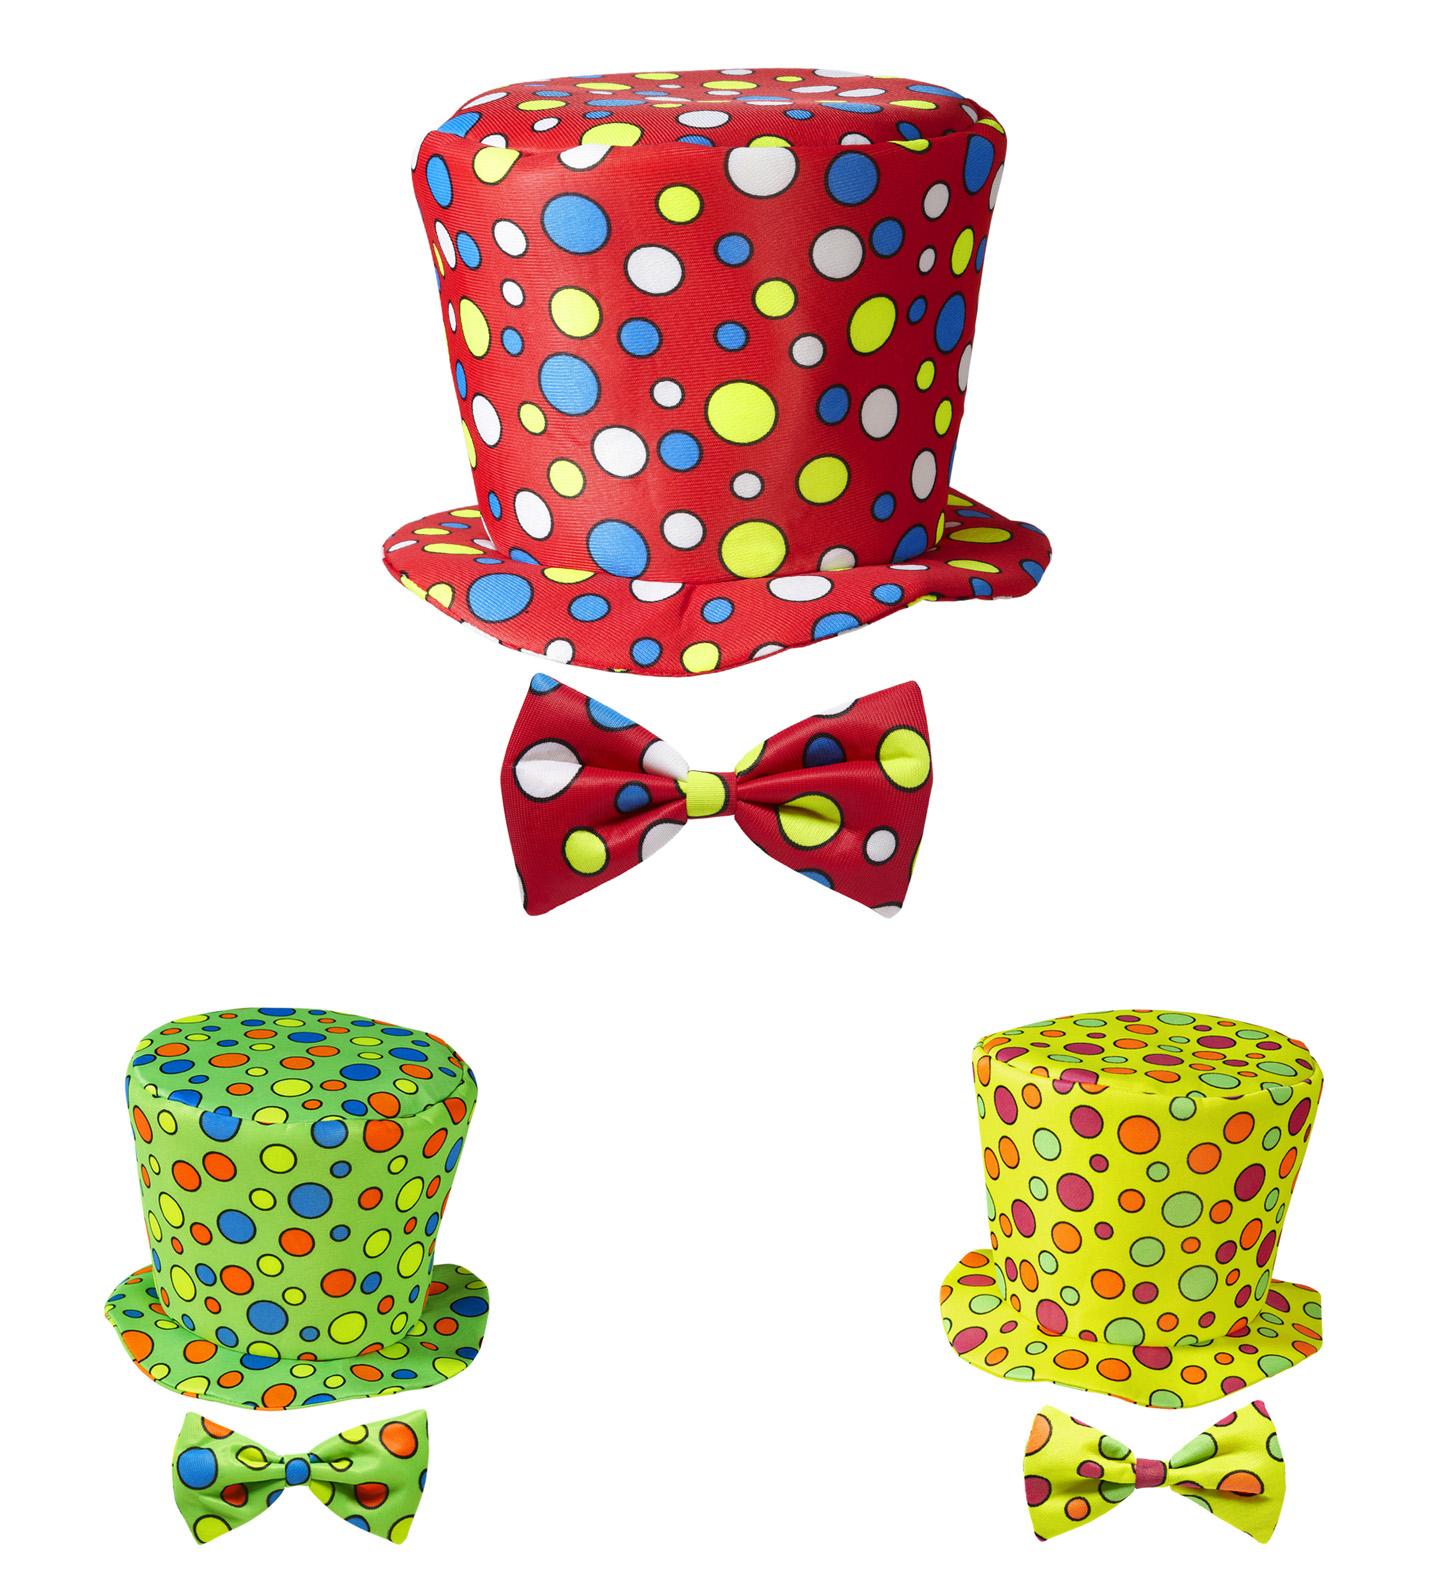 e79d51ebd8f Puntíkatý klaunský barevný klobouk a motýlek